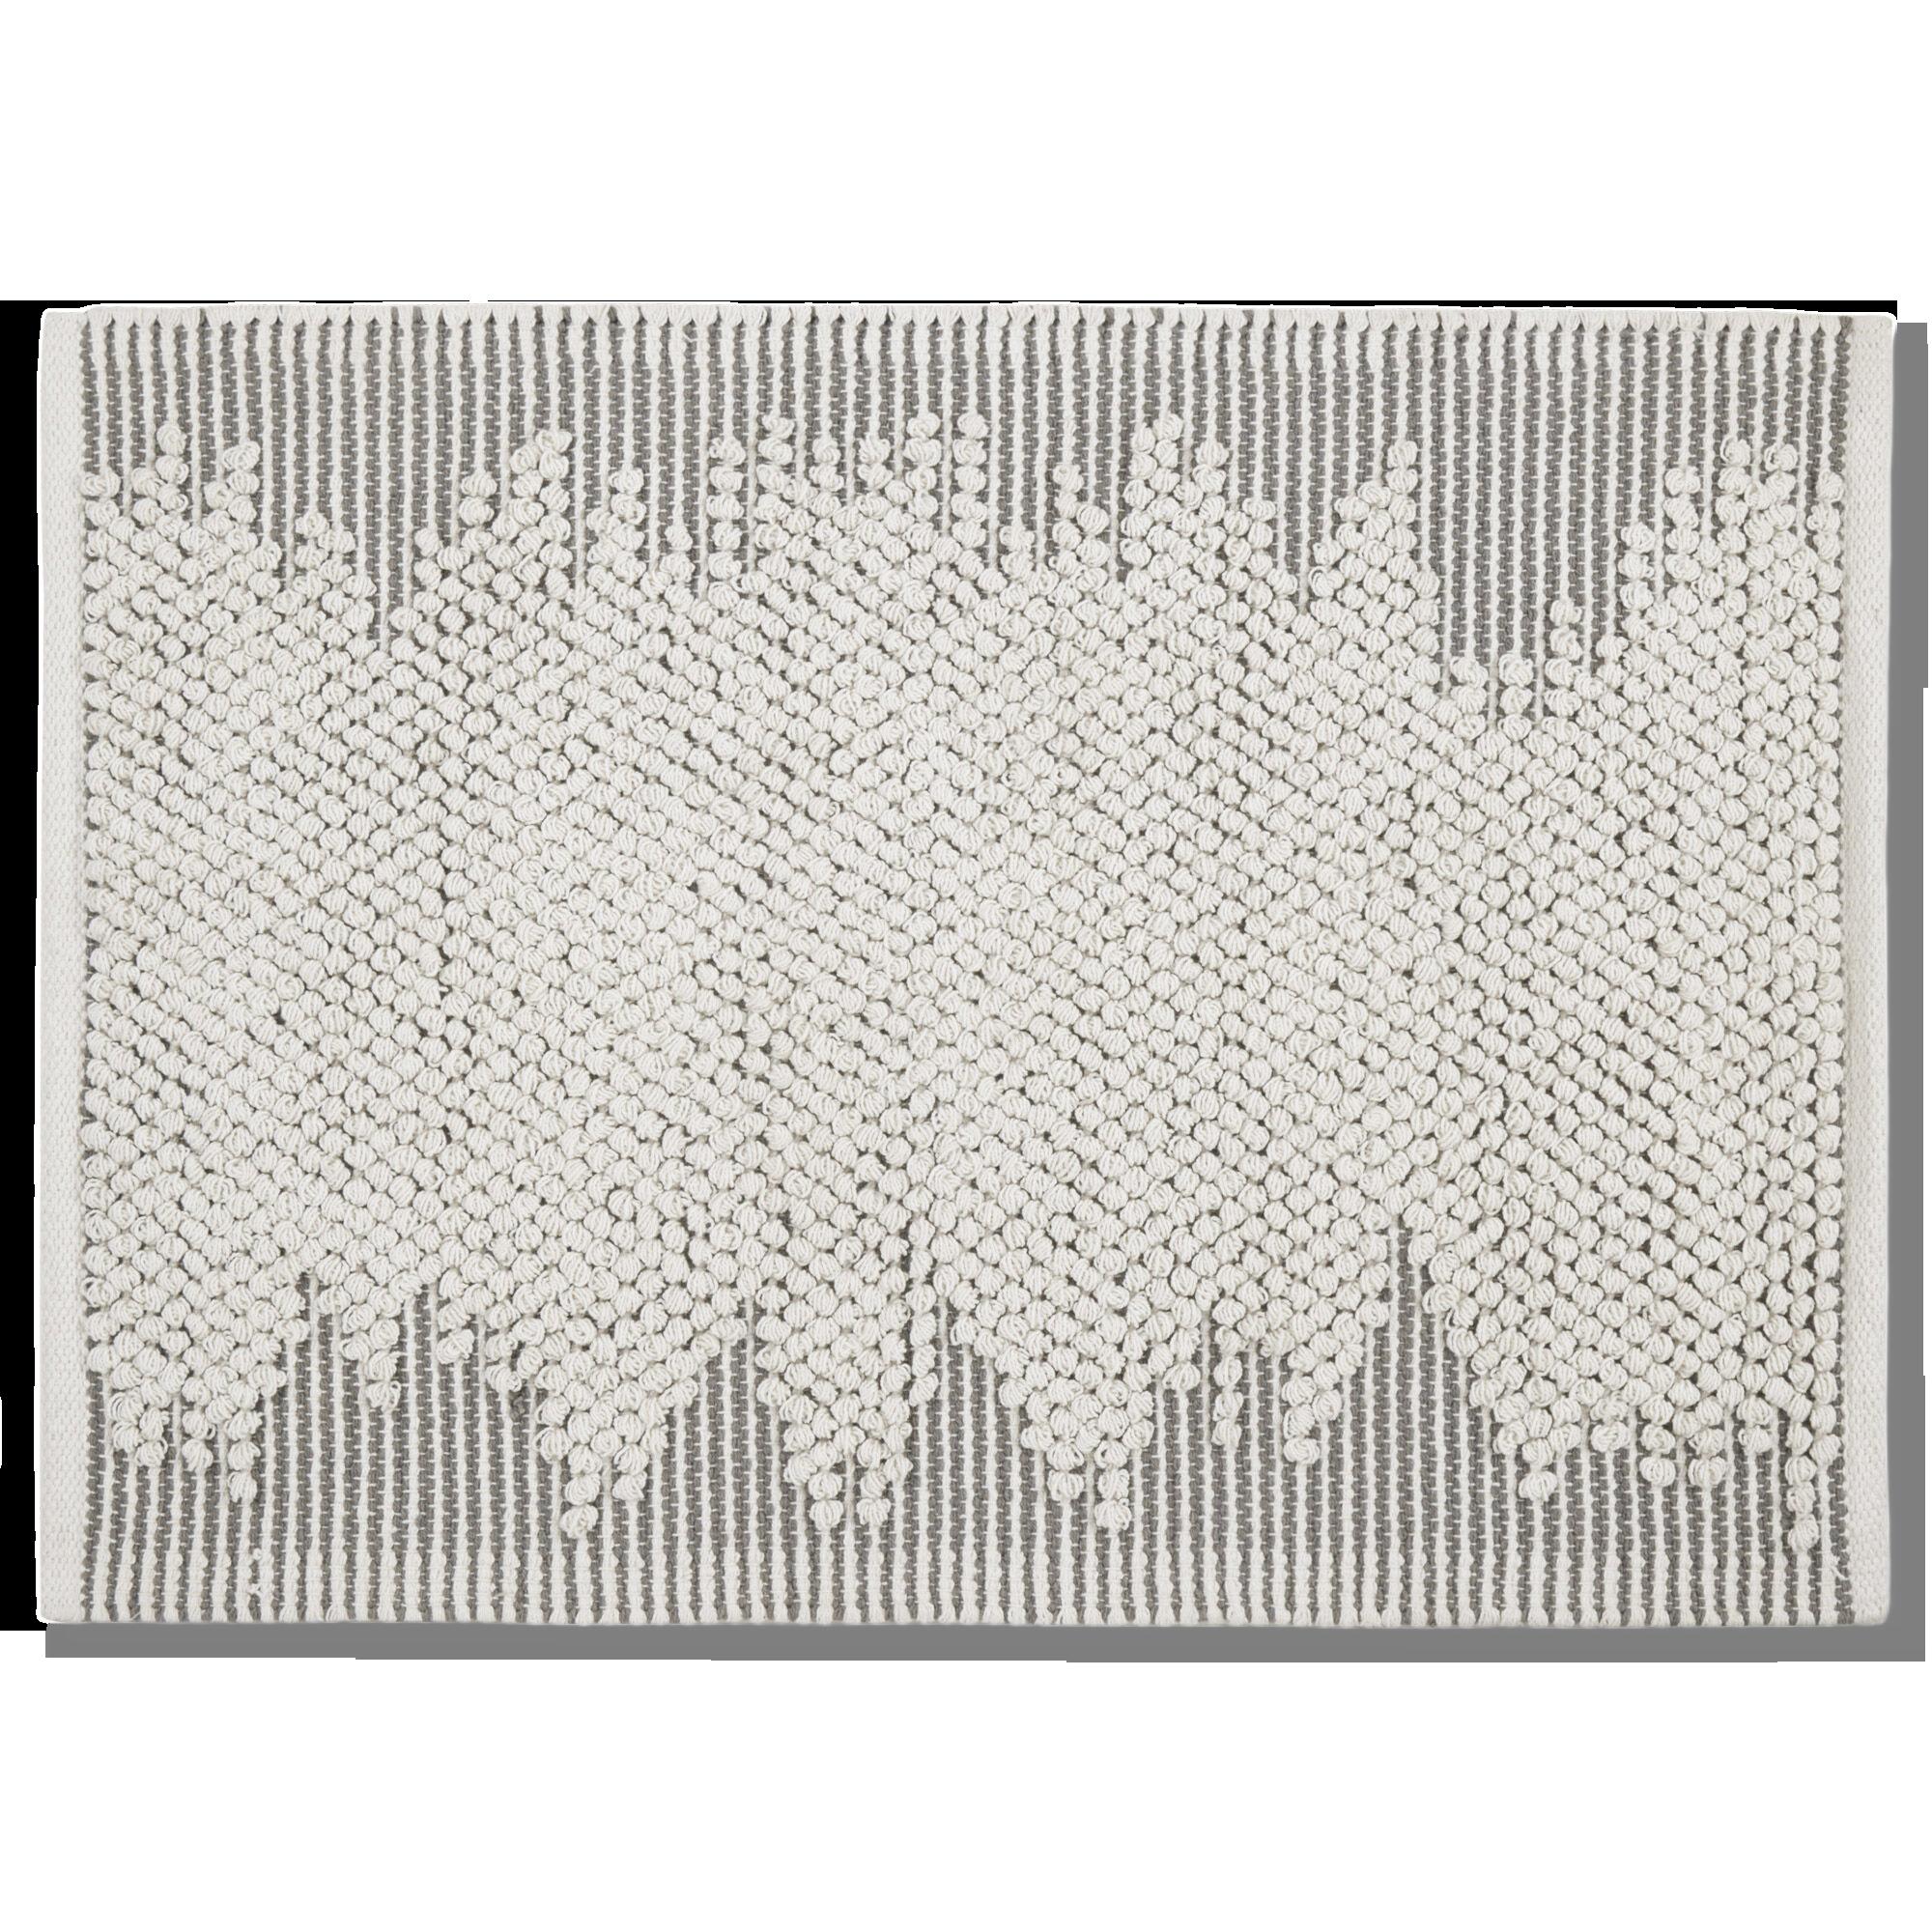 Tham Natural & Grey Textured  Rug